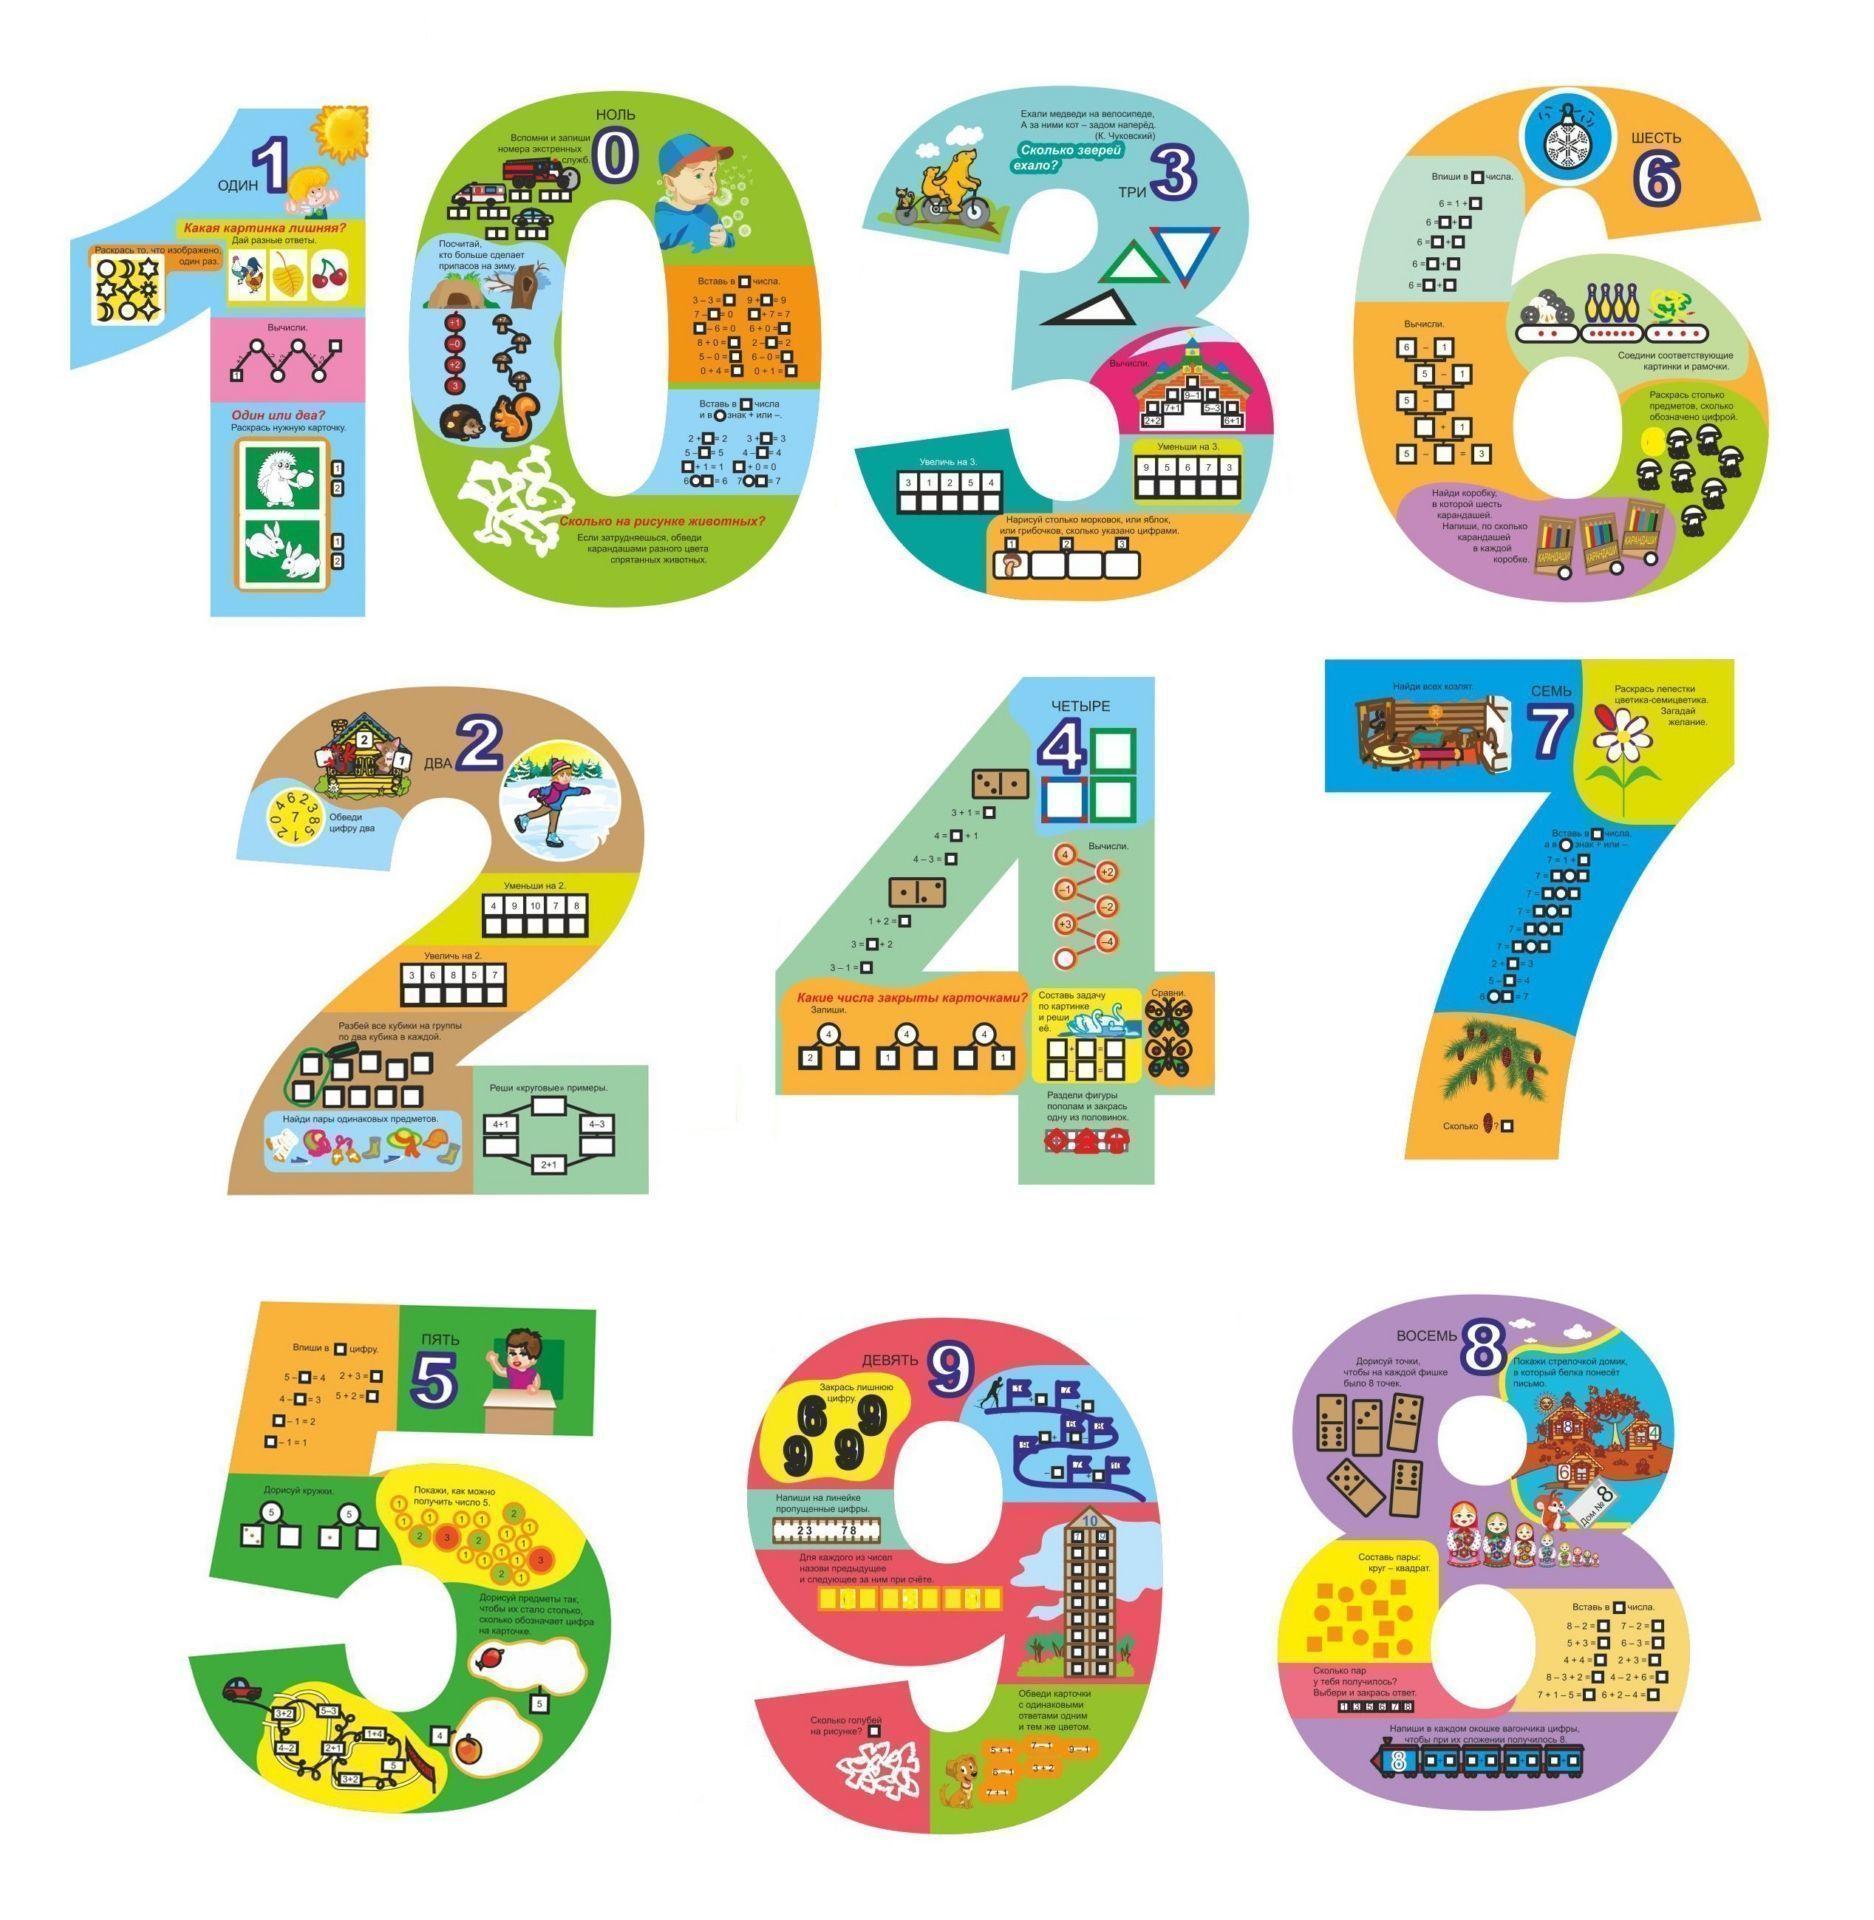 Двухсторонние цифры от 0 до 9 с развивающими заданиями, примерами, прописямиВырубные фигуры<br>Вниманию родителей и педагогов предлагается комплект новой серии Весёлый цифроград с десятью обучающими цифрами. Каждая цифра - это дидактическая игра, представленная крупно в контурном (вырубленном) исполнении на плотном картоне с двусторонней печатью,...<br><br>Год: 2017<br>Серия: Веселый цифроград<br>Переплёт: набор